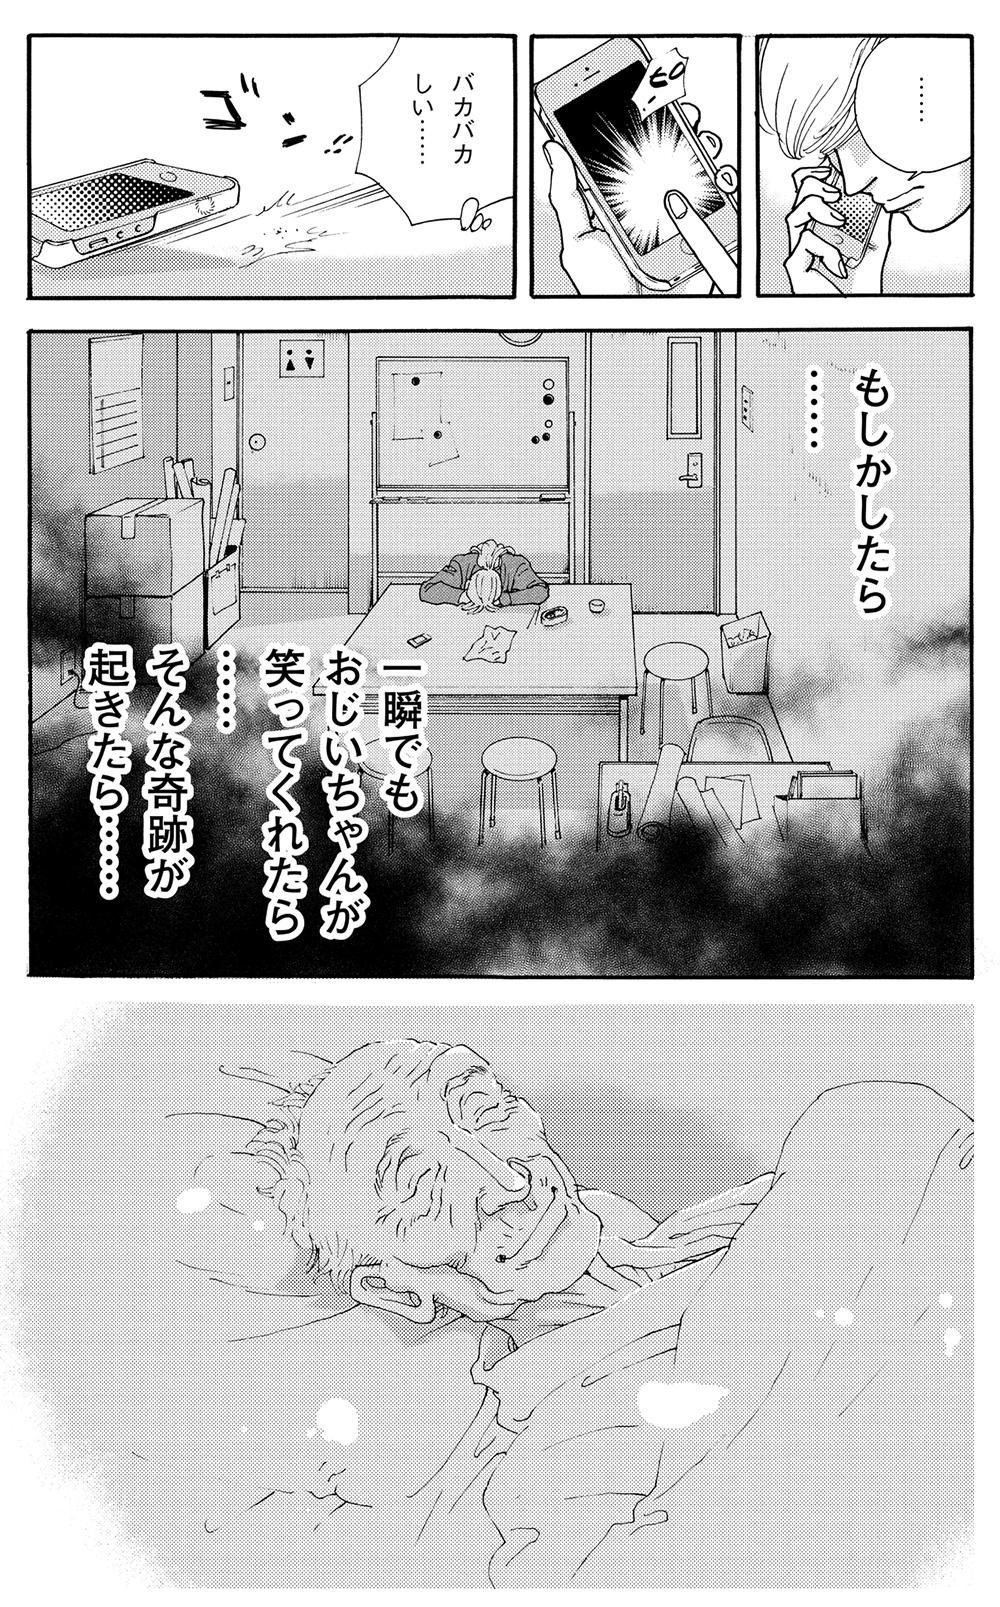 ヘルプマン!! 第3話「怪しい男」helpman03-06.jpg